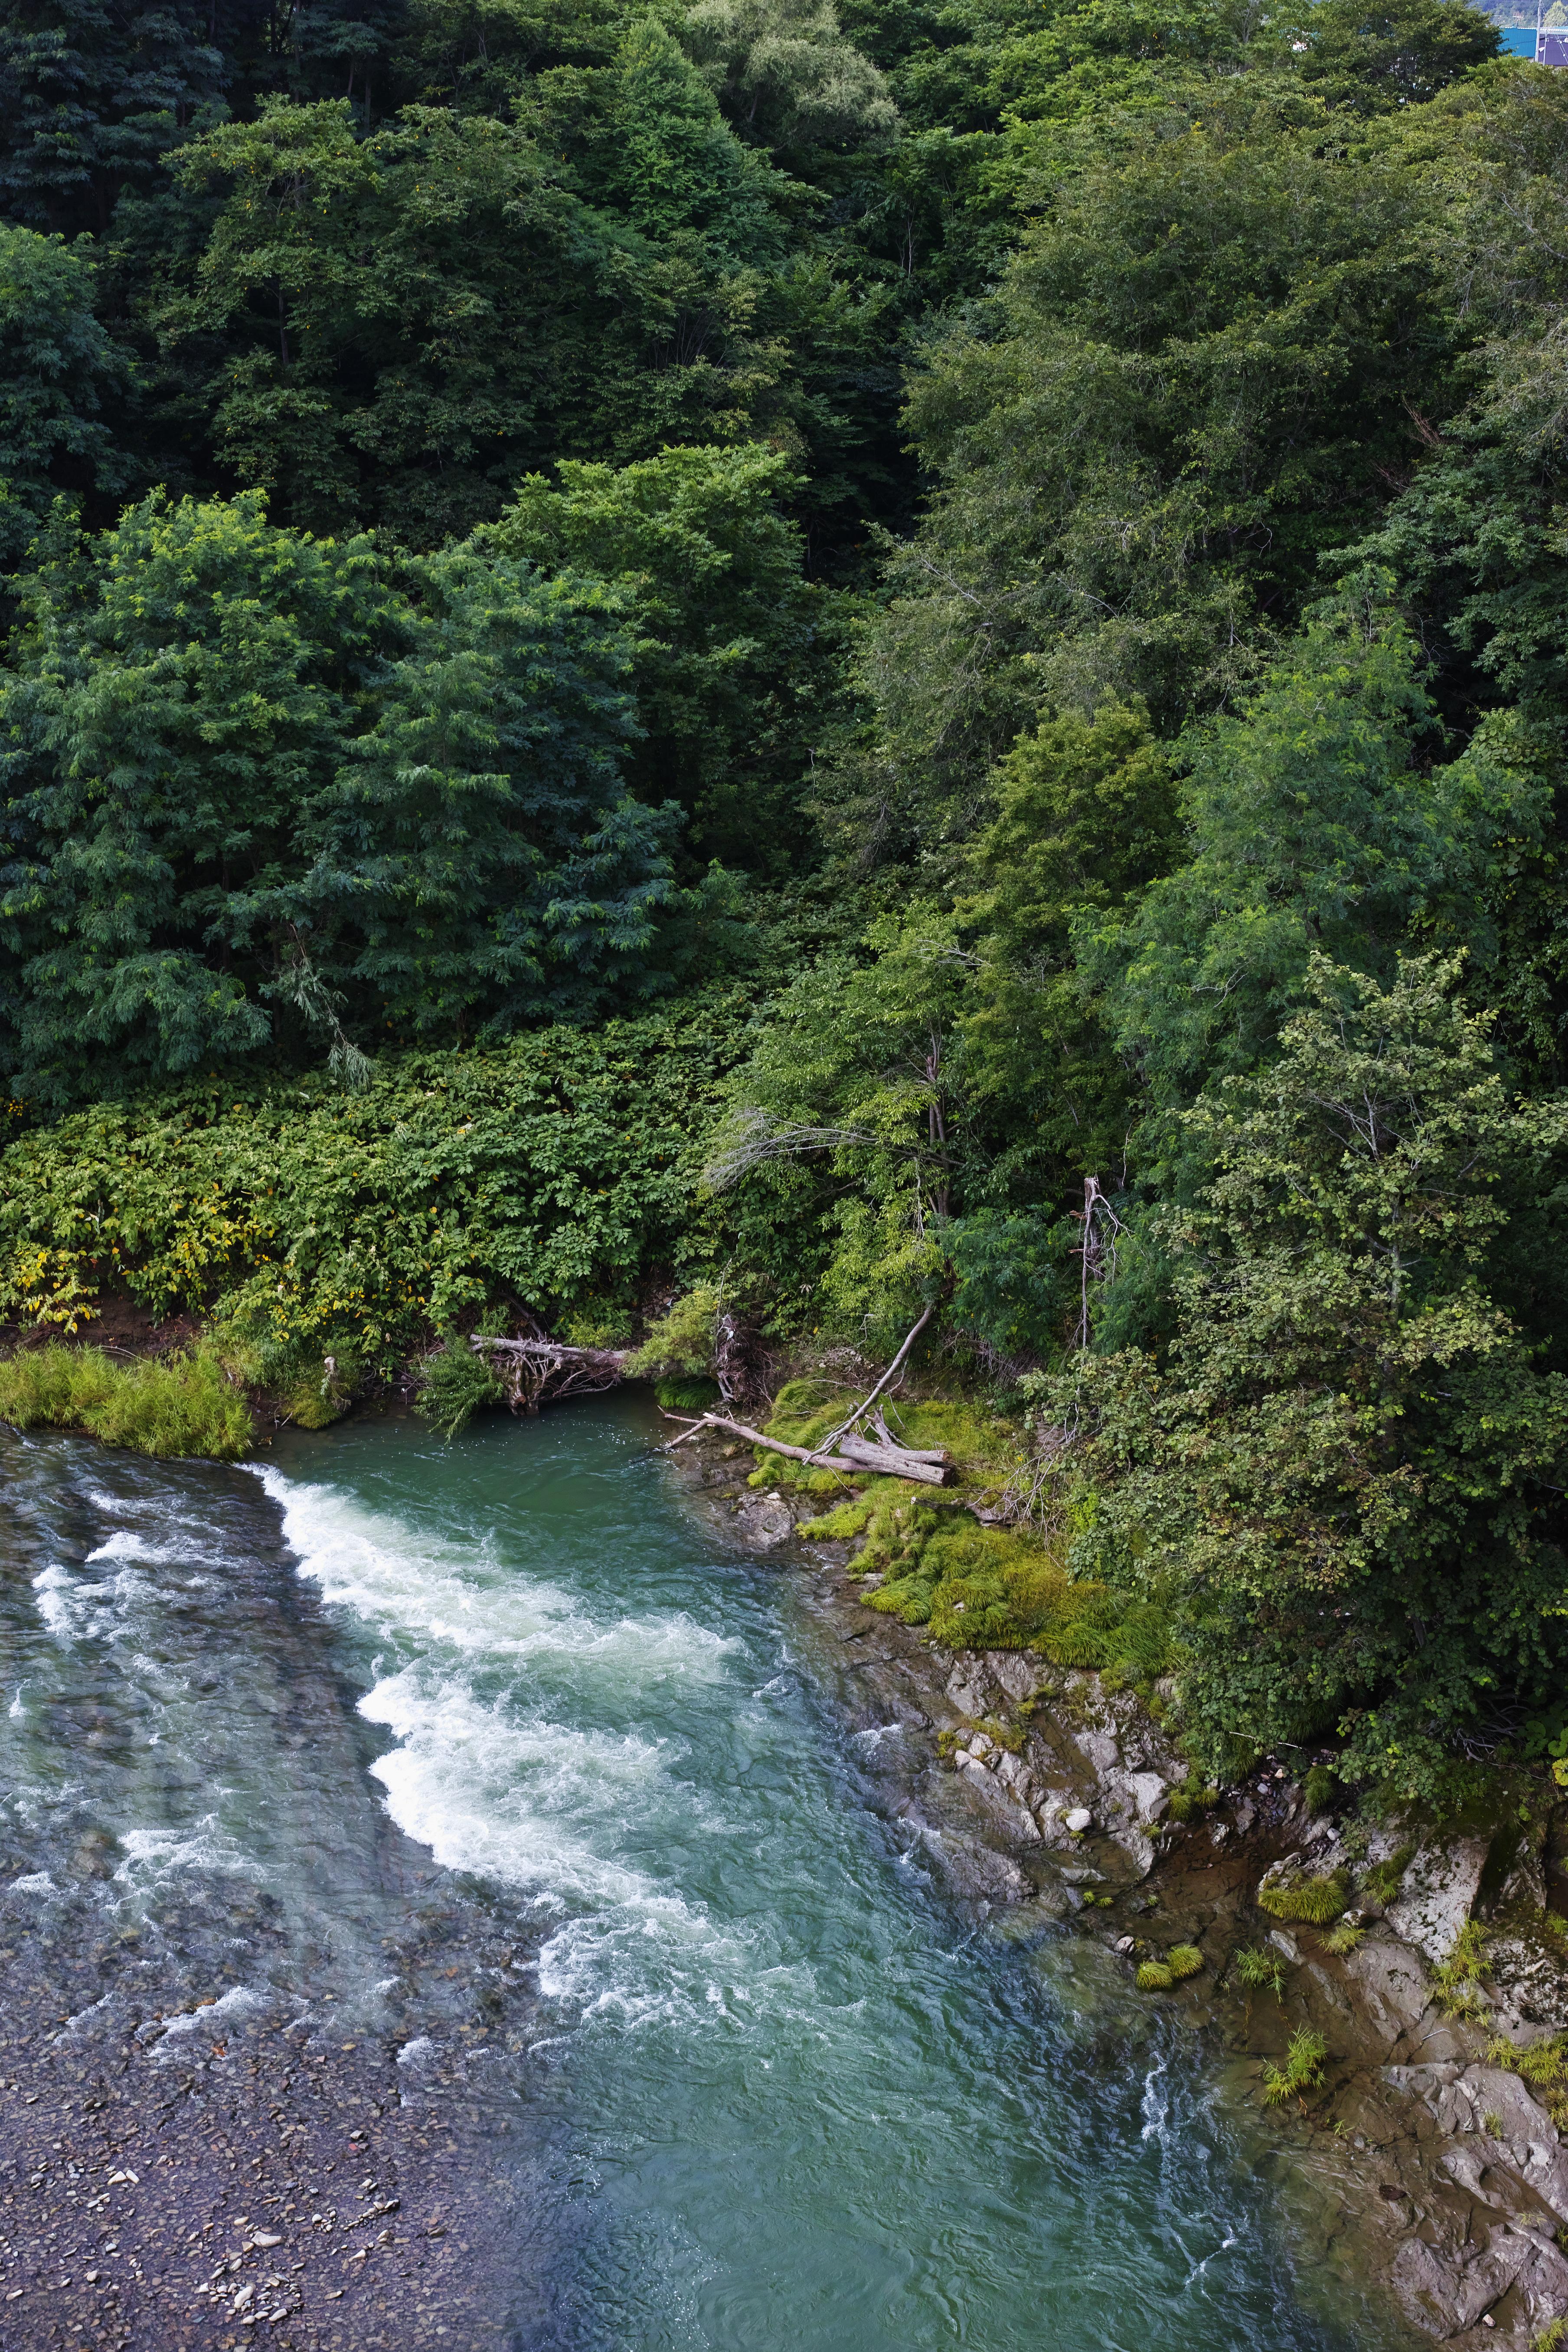 山間をとうとうと流れる渓流を見下ろす。前日まで降り続いた雨で増水した川が上流より巨木を押し流してきた。むせるような濃い緑の深さに自然の瑞々しさを求める。ISO100 / F5.6 / 1/100秒